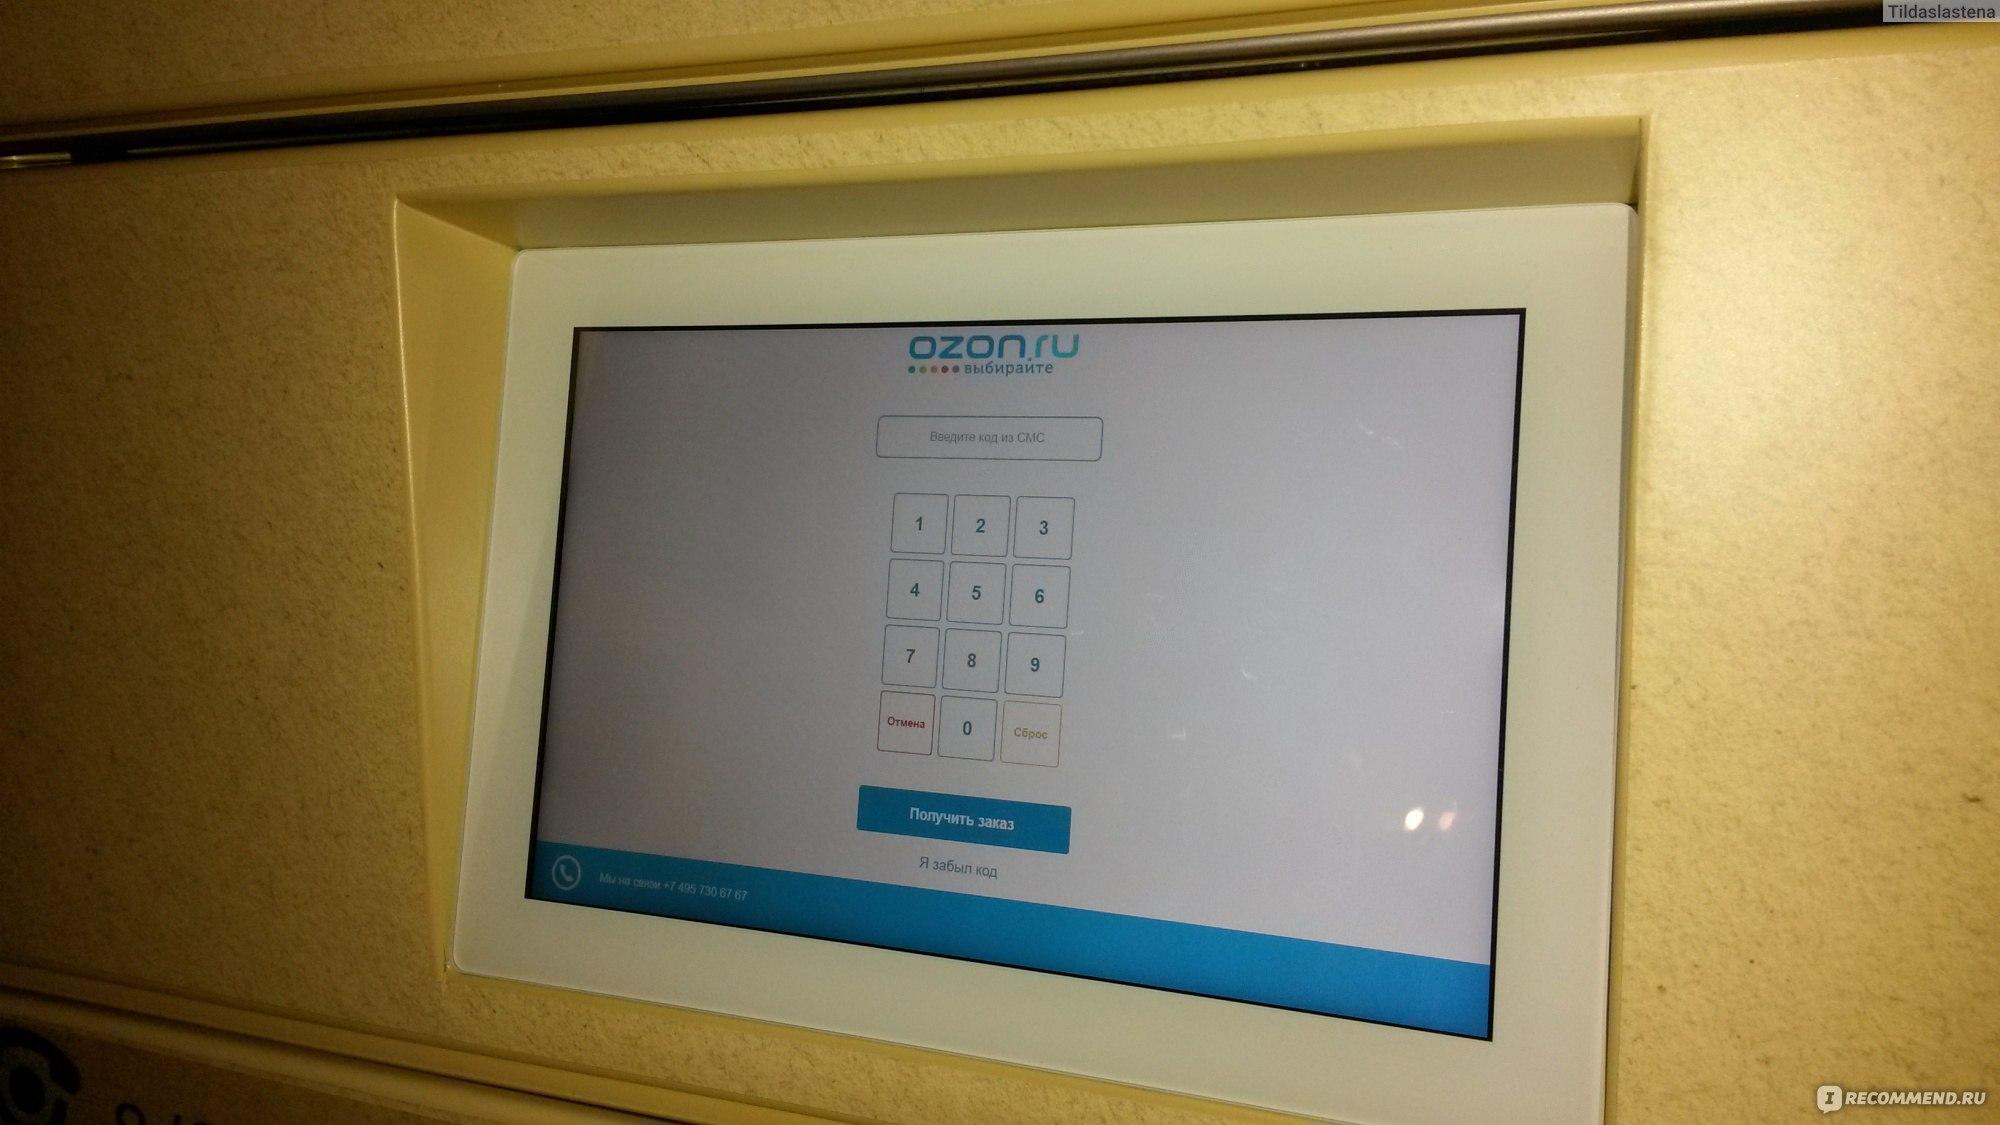 Почтомат Ozon Box, Москва - «Интернет магазин с бесплатной доставкой ... 4fb1f141062